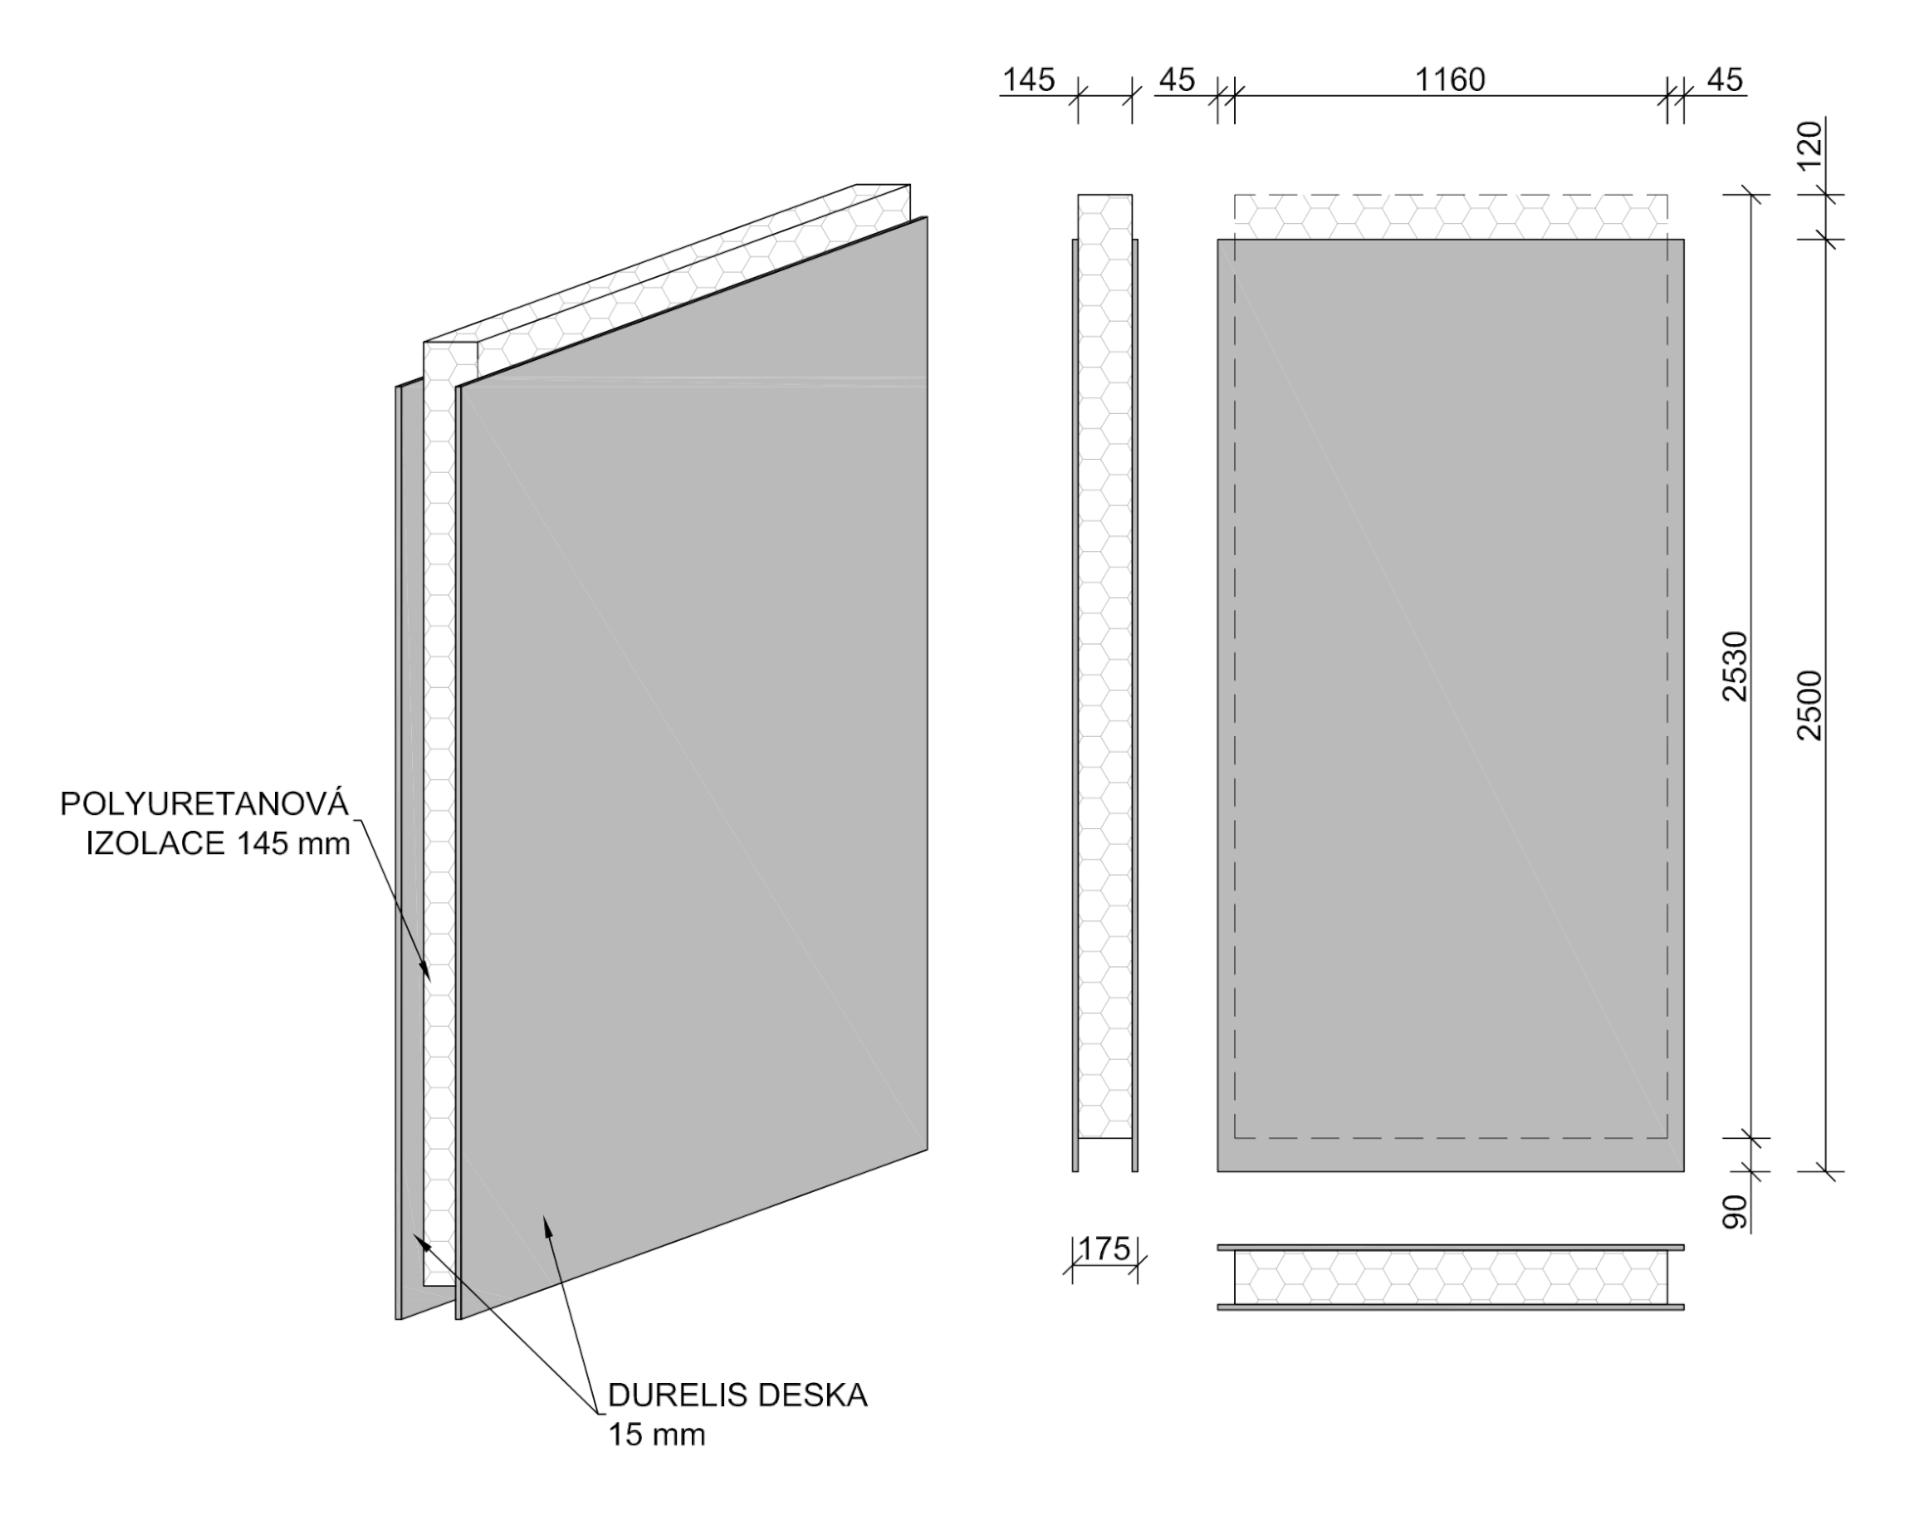 Obvodový nosný panel - nákres | Homing.cz